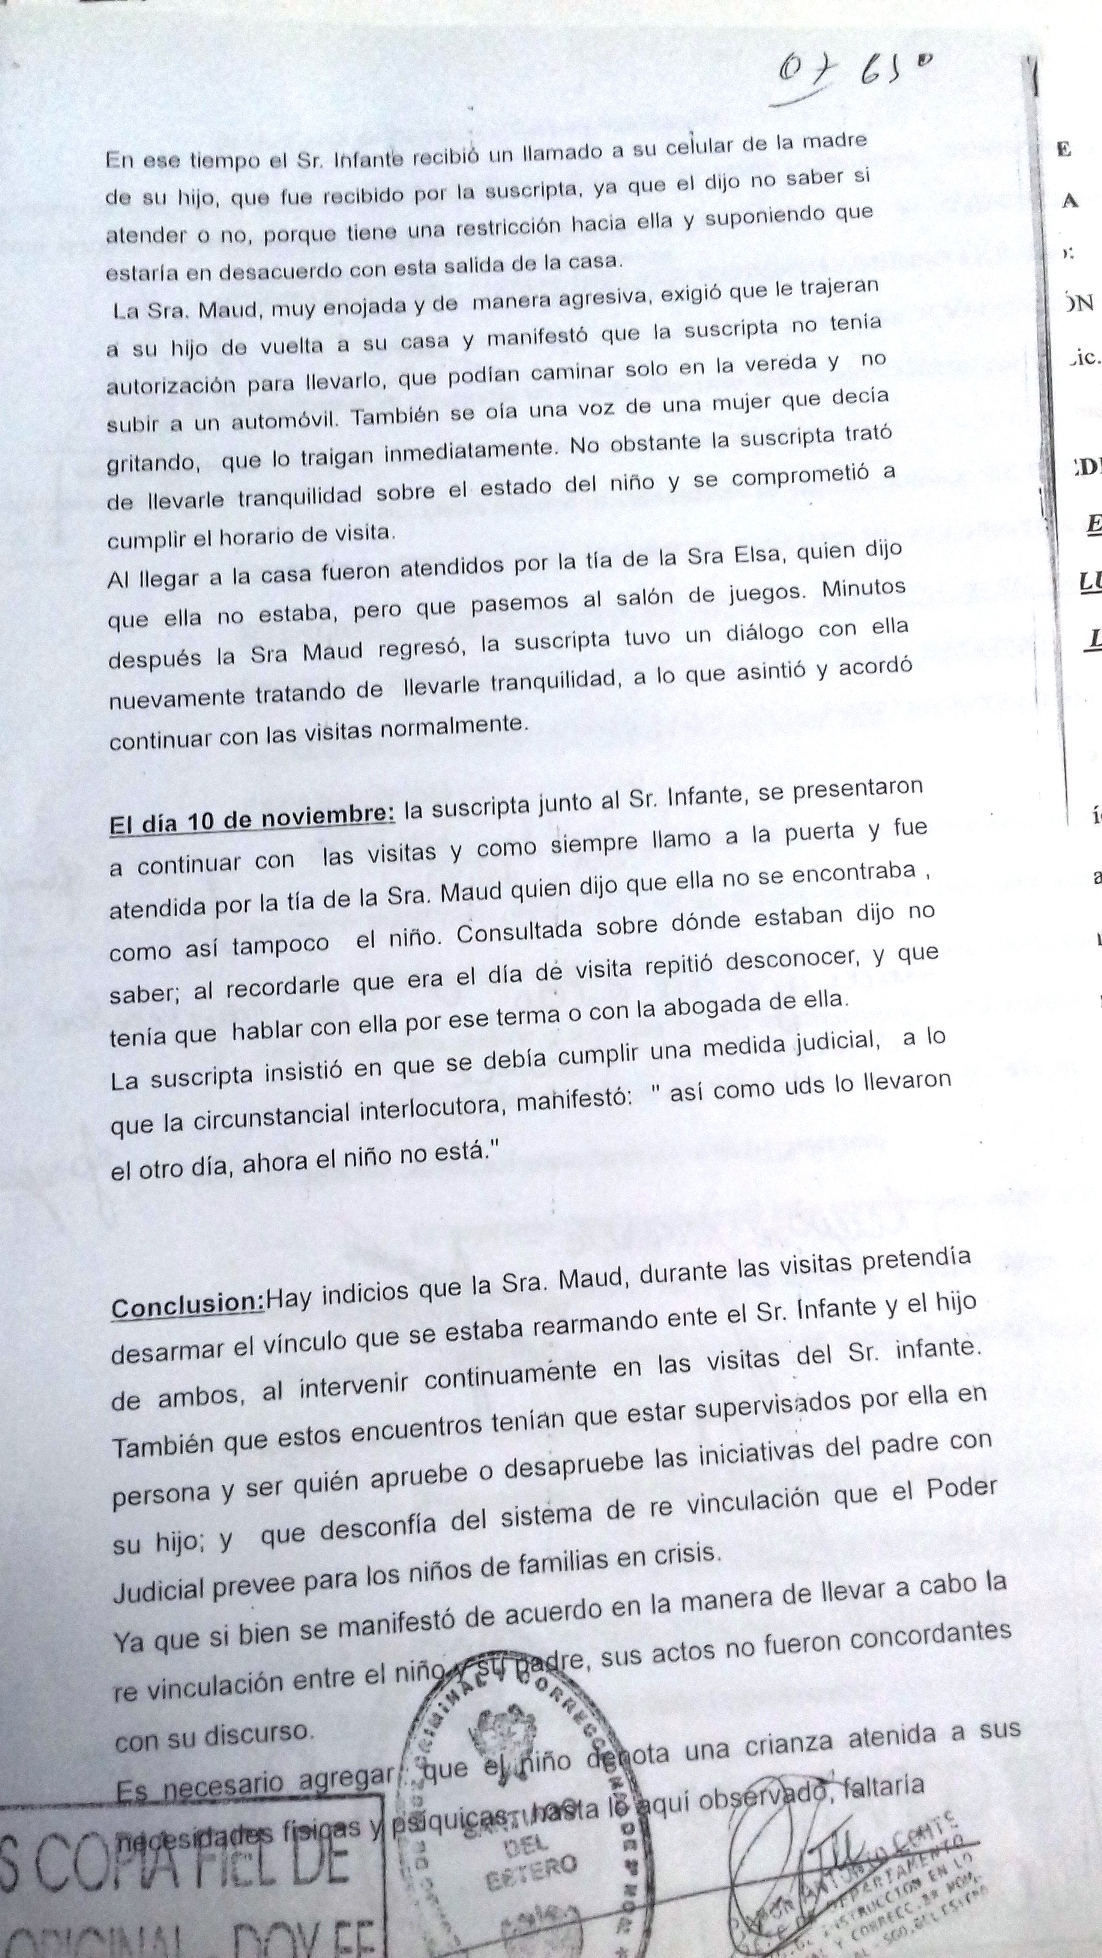 documentos-infante-maud-1